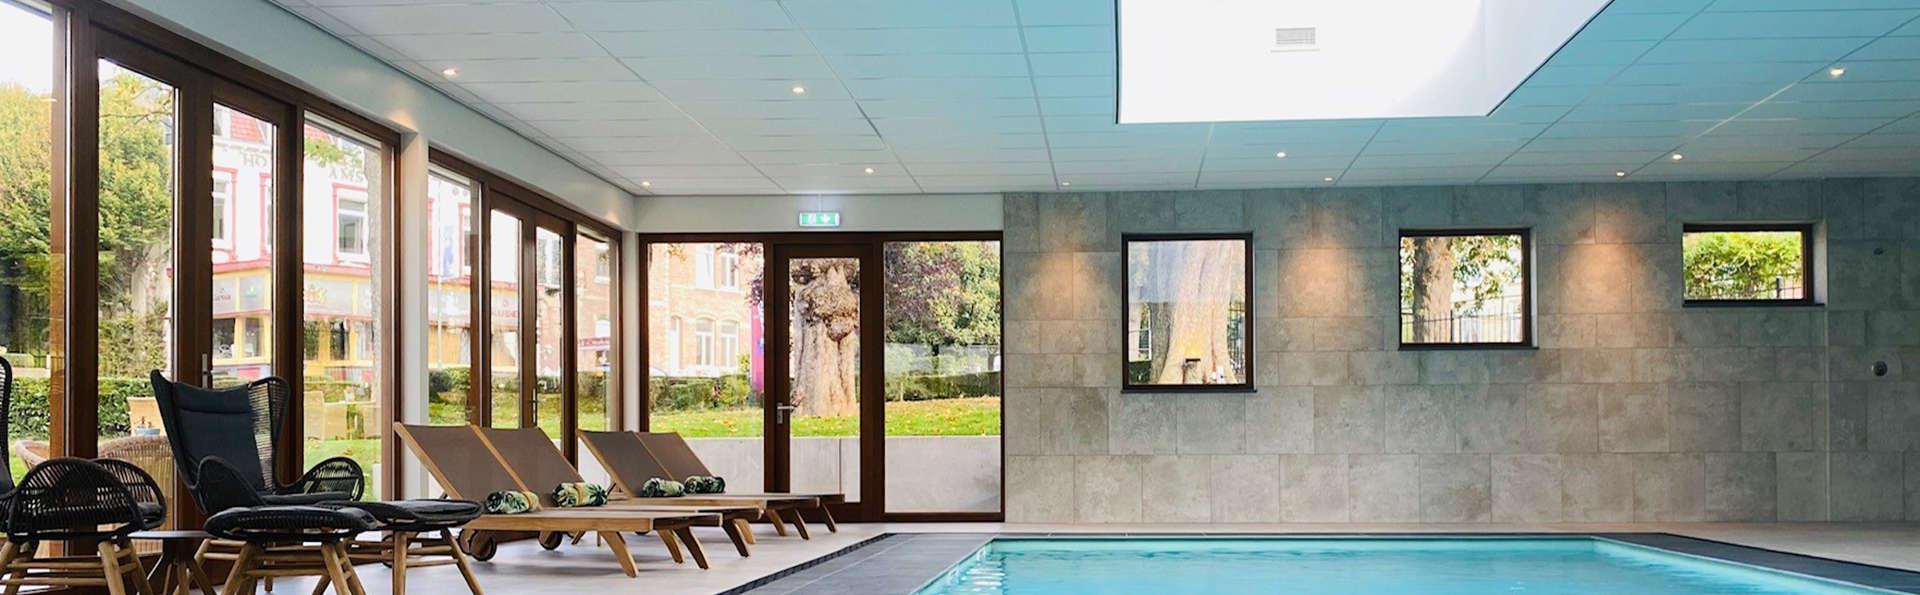 Hotel Schaepkens Van St Fijt - EDIT_zwembad_binnen.jpg